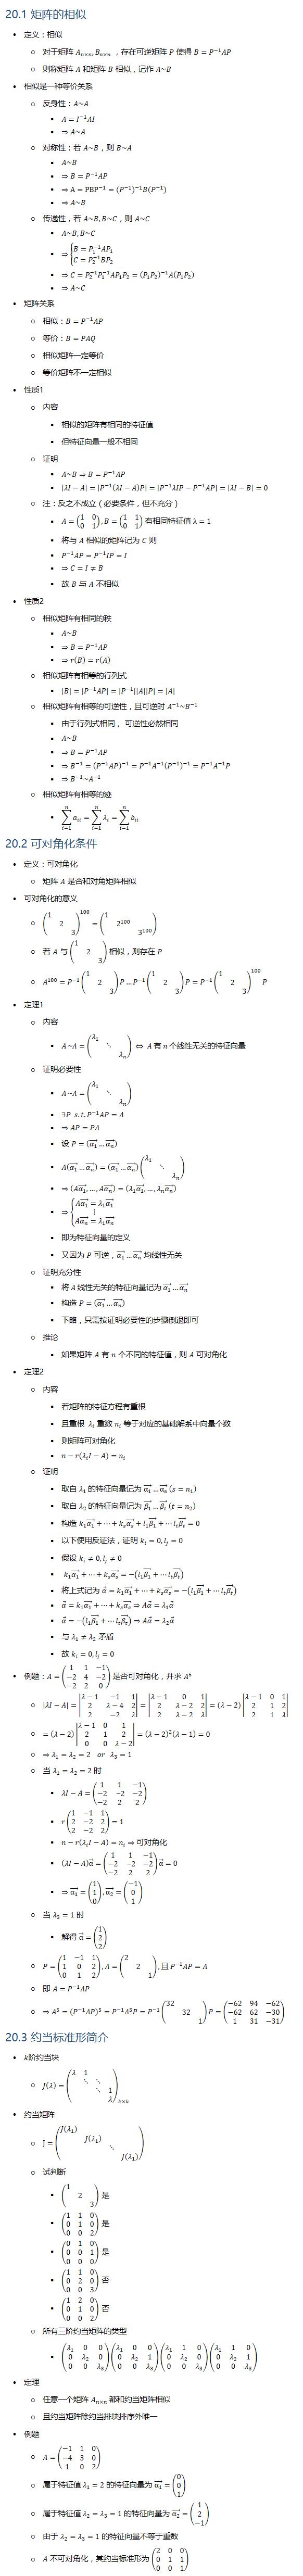 20.1 矩阵的相似 • 定义:相似 ○ 对于矩阵 A_(n×n),B_(n×n) ,存在可逆矩阵 P 使得 B=P^(−1) AP ○ 则称矩阵 A 和矩阵 B 相似,记作 A~B • 相似是一种等价关系 ○ 反身性:A~A § A=I^(−1) AI § ⇒A~A ○ 对称性:若 A~B,则 B~A § A~B § ⇒B=P^(−1) AP § ⇒A=PBP^(−1)=(P^(−1) )^(−1) B(P^(−1) ) § ⇒A~B ○ 传递性,若 A~B, B~C,则 A~C § A~B, B~C § ⇒{█(B=P_1^(−1) AP_1@C=P_2^(−1) BP_2 )┤ § ⇒C=P_2^(−1) P_1^(−1) AP_1 P_2=(P_1 P_2 )^(−1) A(P_1 P_2 ) § ⇒A~C • 矩阵关系 ○ 相似:B=P^(−1) AP ○ 等价:B=PAQ ○ 相似矩阵一定等价 ○ 等价矩阵不一定相似 • 性质1 ○ 内容 § 相似的矩阵有相同的特征值 § 但特征向量一般不相同 ○ 证明 § A~B⇒B=P^(−1) AP § |λI−A|=|P^(−1) (λI−A)P|=|P^(−1) λIP−P^(−1) AP|=|λI−B|=0 ○ 注:反之不成立(必要条件,但不充分) § A=(■8(1&0@0&1)), B=(■8(1&1@0&1)) 有相同特征值 λ=1 § 将与 A 相似的矩阵记为 C 则 § P^(−1) AP=P^(−1) IP=I § ⇒C=I≠B § 故 B 与 A 不相似 • 性质2 ○ 相似矩阵有相同的秩 § A~B § ⇒B=P^(−1) AP § ⇒r(B)=r(A) ○ 相似矩阵有相等的行列式 § |B|=|P^(−1) AP|=|P^(−1) ||A||P|=|A| ○ 相似矩阵有相等的可逆性,且可逆时 A^(−1)~B^(−1) § 由于行列式相同, 可逆性必然相同 § A~B § ⇒B=P^(−1) AP § ⇒B^(−1)=(P^(−1) AP)^(−1)=P^(−1) A^(−1) (P^(−1) )^(−1)=P^(−1) A^(−1) P § ⇒B^(−1)~A^(−1) ○ 相似矩阵有相等的迹 § ∑_(i=1)^n▒a_ii =∑_(i=1)^n▒λ_i =∑_(i=1)^n▒b_ii 20.2 可对角化条件 • 定义:可对角化 ○ 矩阵 A 是否和对角矩阵相似 • 可对角化的意义 ○ (■(1&&@&2&@&&3))^100=(■(1&&@&2^100&@&&3^100 )) ○ 若 A 与 (■(1&&@&2&@&&3)) 相似,则存在 P ○ A^100=P^(−1) (■(1&&@&2&@&&3))P…P^(−1) (■(1&&@&2&@&&3))P=P^(−1) (■(1&&@&2&@&&3))^100 P • 定理1 ○ 内容 § A~Λ=(■(λ_1&&@&⋱&@&&λ_n )) ⇔ A 有 n 个线性无关的特征向量 ○ 证明必要性 § A~Λ=(■(λ_1&&@&⋱&@&&λ_n )) § ∃P s.t. P^(−1) AP=Λ § ⇒AP=PΛ § 设 P=((α_1 ) ⃗…(α_n ) ⃗ ) § A((α_1 ) ⃗…(α_n ) ⃗ )=((α_1 ) ⃗…(α_n ) ⃗ )(■(λ_1&&@&⋱&@&&λ_n )) § ⇒(A(α_1 ) ⃗,…,A(α_n ) ⃗ )=(λ_1 (α_1 ) ⃗,…,λ_n (α_n ) ⃗ ) § ⇒{█(A(α_1 ) ⃗=λ_1 (α_1 ) ⃗@⋮@A(α_n ) ⃗=λ_1 (α_n ) ⃗ )┤ § 即为特征向量的定义 § 又因为 P 可逆,(α_1 ) ⃗…(α_n ) ⃗ 均线性无关 ○ 证明充分性 § 将 A 线性无关的特征向量记为 (α_1 ) ⃗…(α_n ) ⃗ § 构造 P=((α_1 ) ⃗…(α_n ) ⃗ ) § 下略,只需按证明必要性的步骤倒退即可 ○ 推论 § 如果矩阵 A 有 n 个不同的特征值,则 A 可对角化 • 定理2 ○ 内容 § 若矩阵的特征方程有重根 § 且重根 λ_i 重数 n_i 等于对应的基础解系中向量个数 § 则矩阵可对角化 § n−r(λ_i I−A)=n_i ○ 证明 § 取自 λ_1 的特征向量记为 (α_1 ) ⃗…(α_s ) ⃗ (s=n_1 ) § 取自 λ_2 的特征向量记为 (β_1 ) ⃗…(β_t ) ⃗ (t=n_2 ) § 构造 k_1 (α_1 ) ⃗+…+k_s (α_s ) ⃗+l_1 (β_1 ) ⃗+…l_t (β_t ) ⃗=0 § 以下使用反证法,证明 k_i=0, l_j=0 § 假设